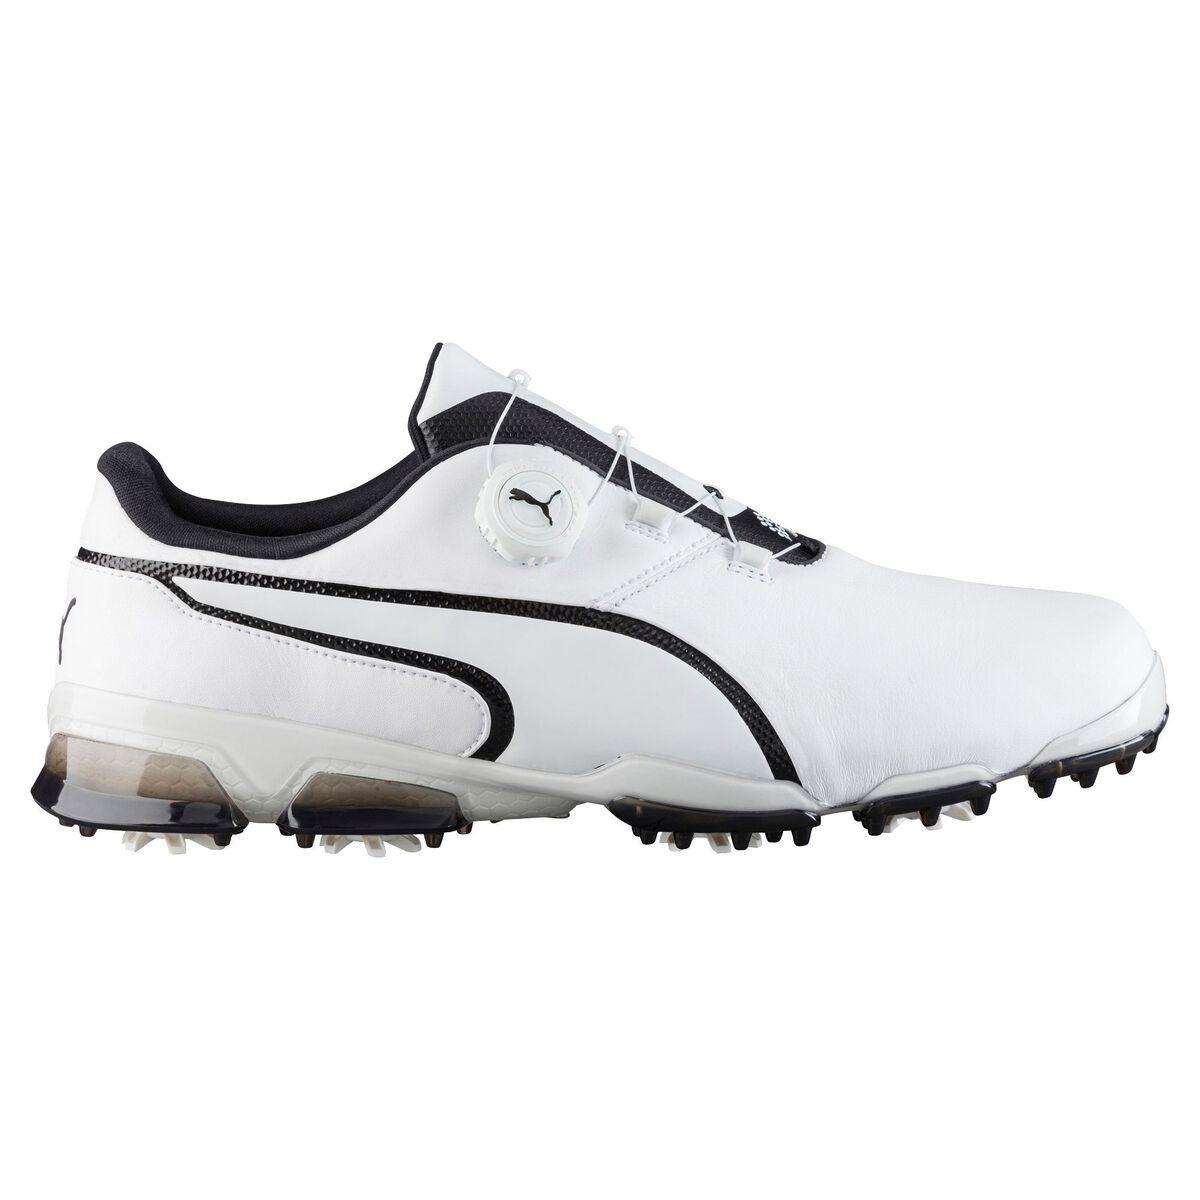 718cb6c6f6aa55 PUMA TITANTOUR Ignite Disc Men s Golf Shoe - White Black